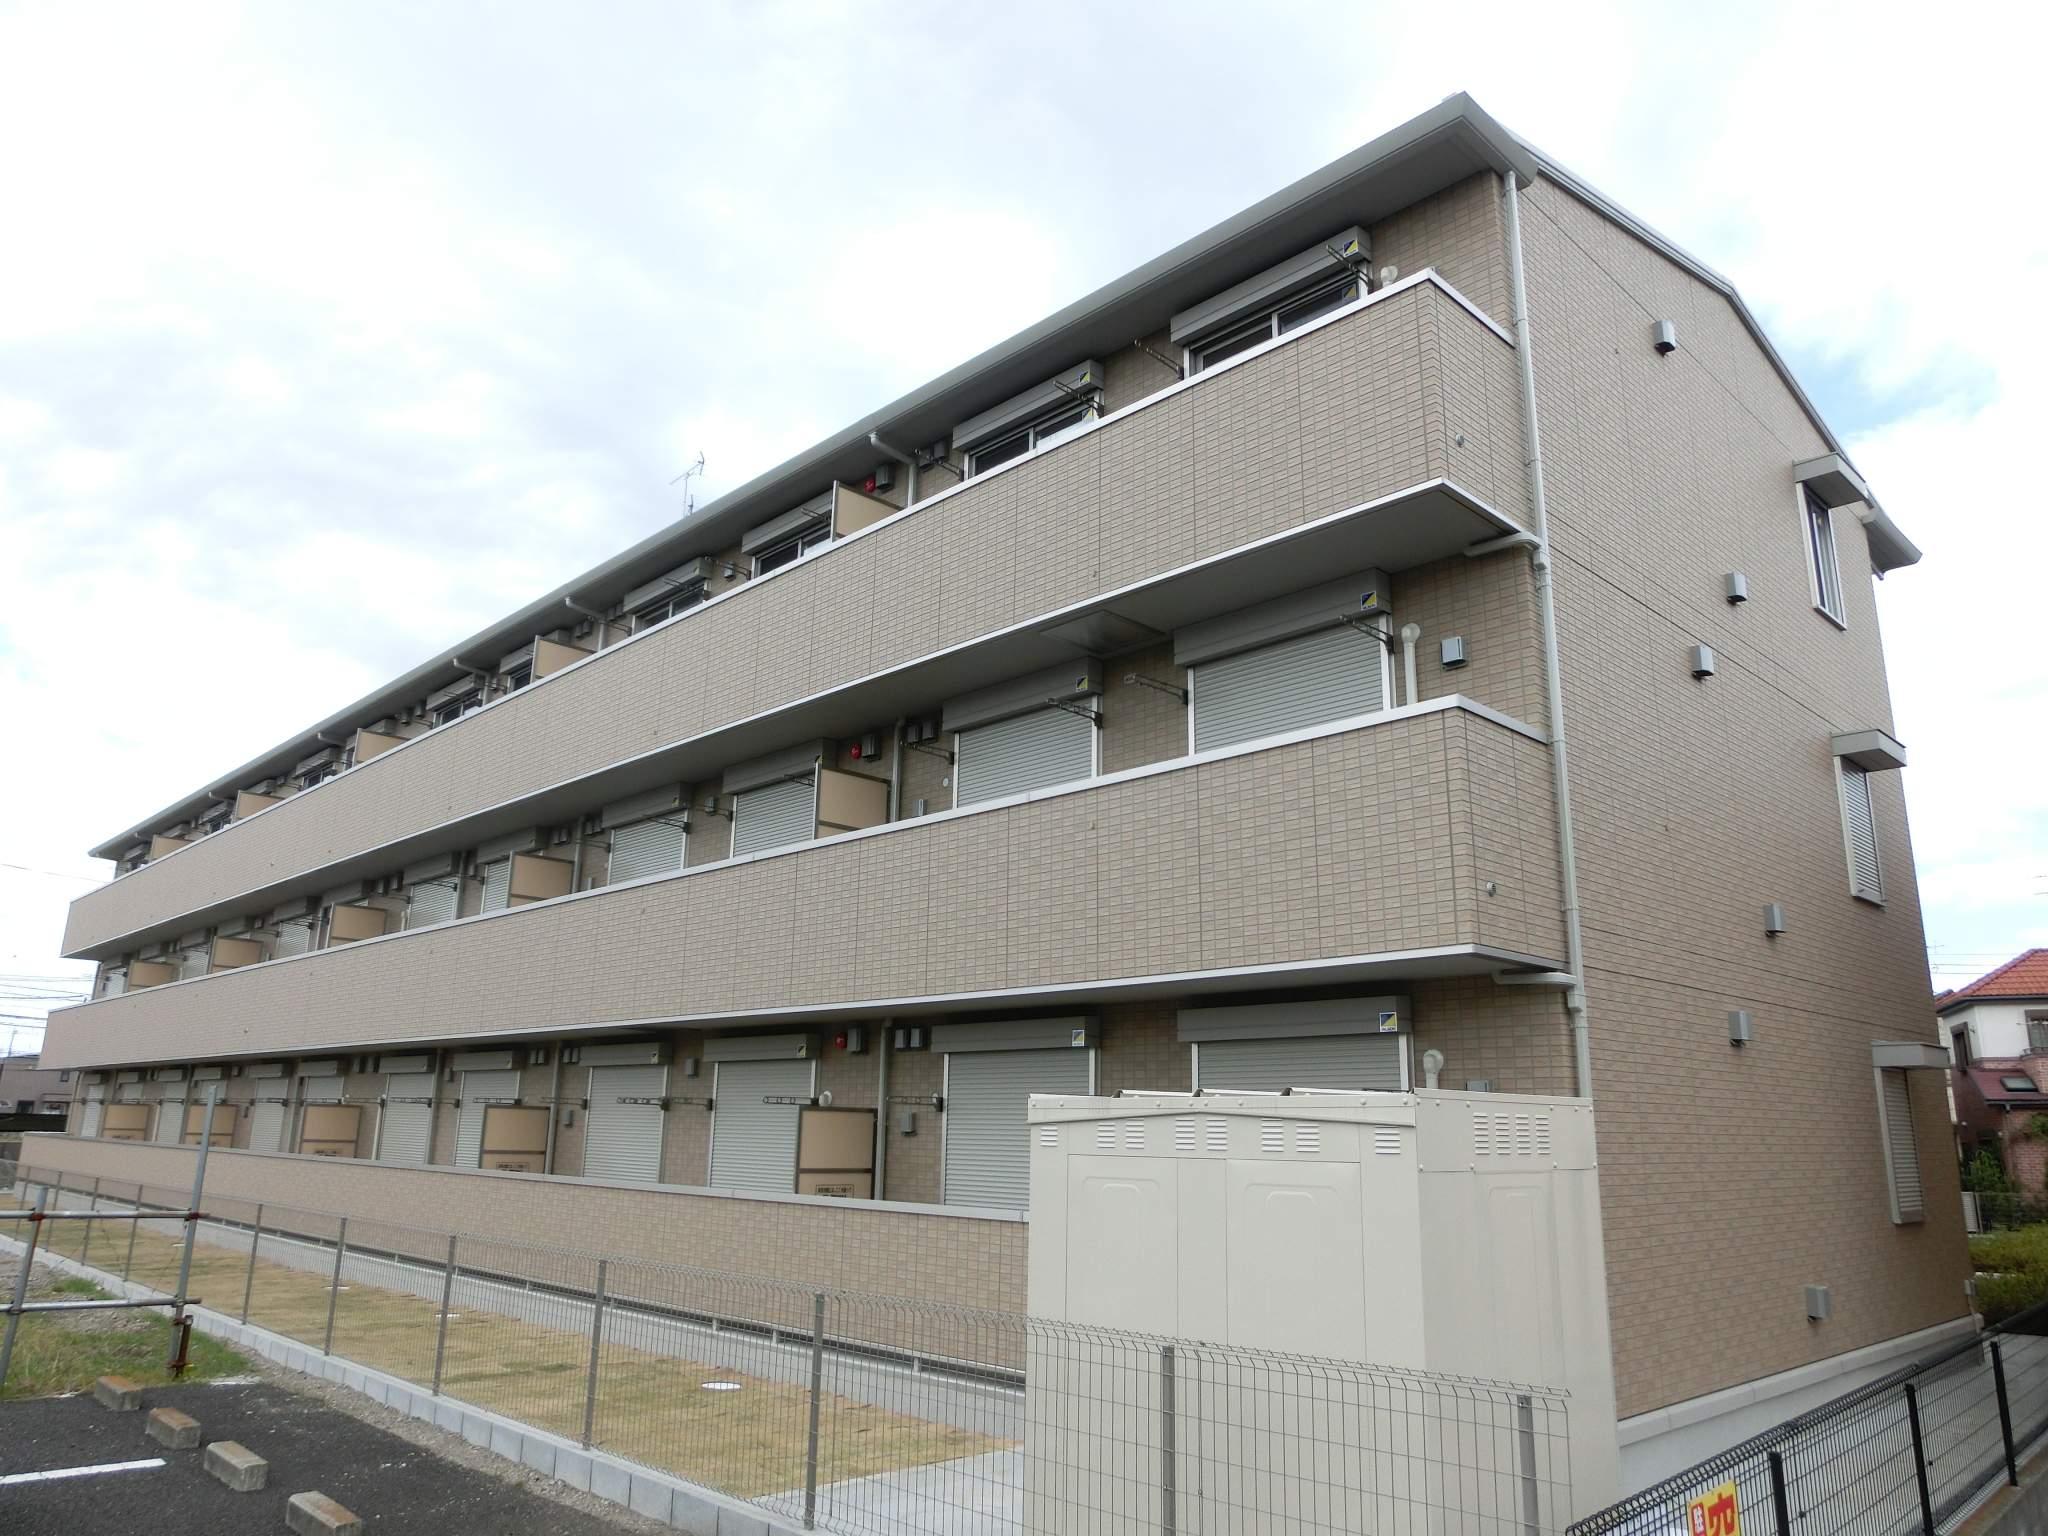 千葉県千葉市稲毛区、四街道駅徒歩24分の築3年 3階建の賃貸マンション